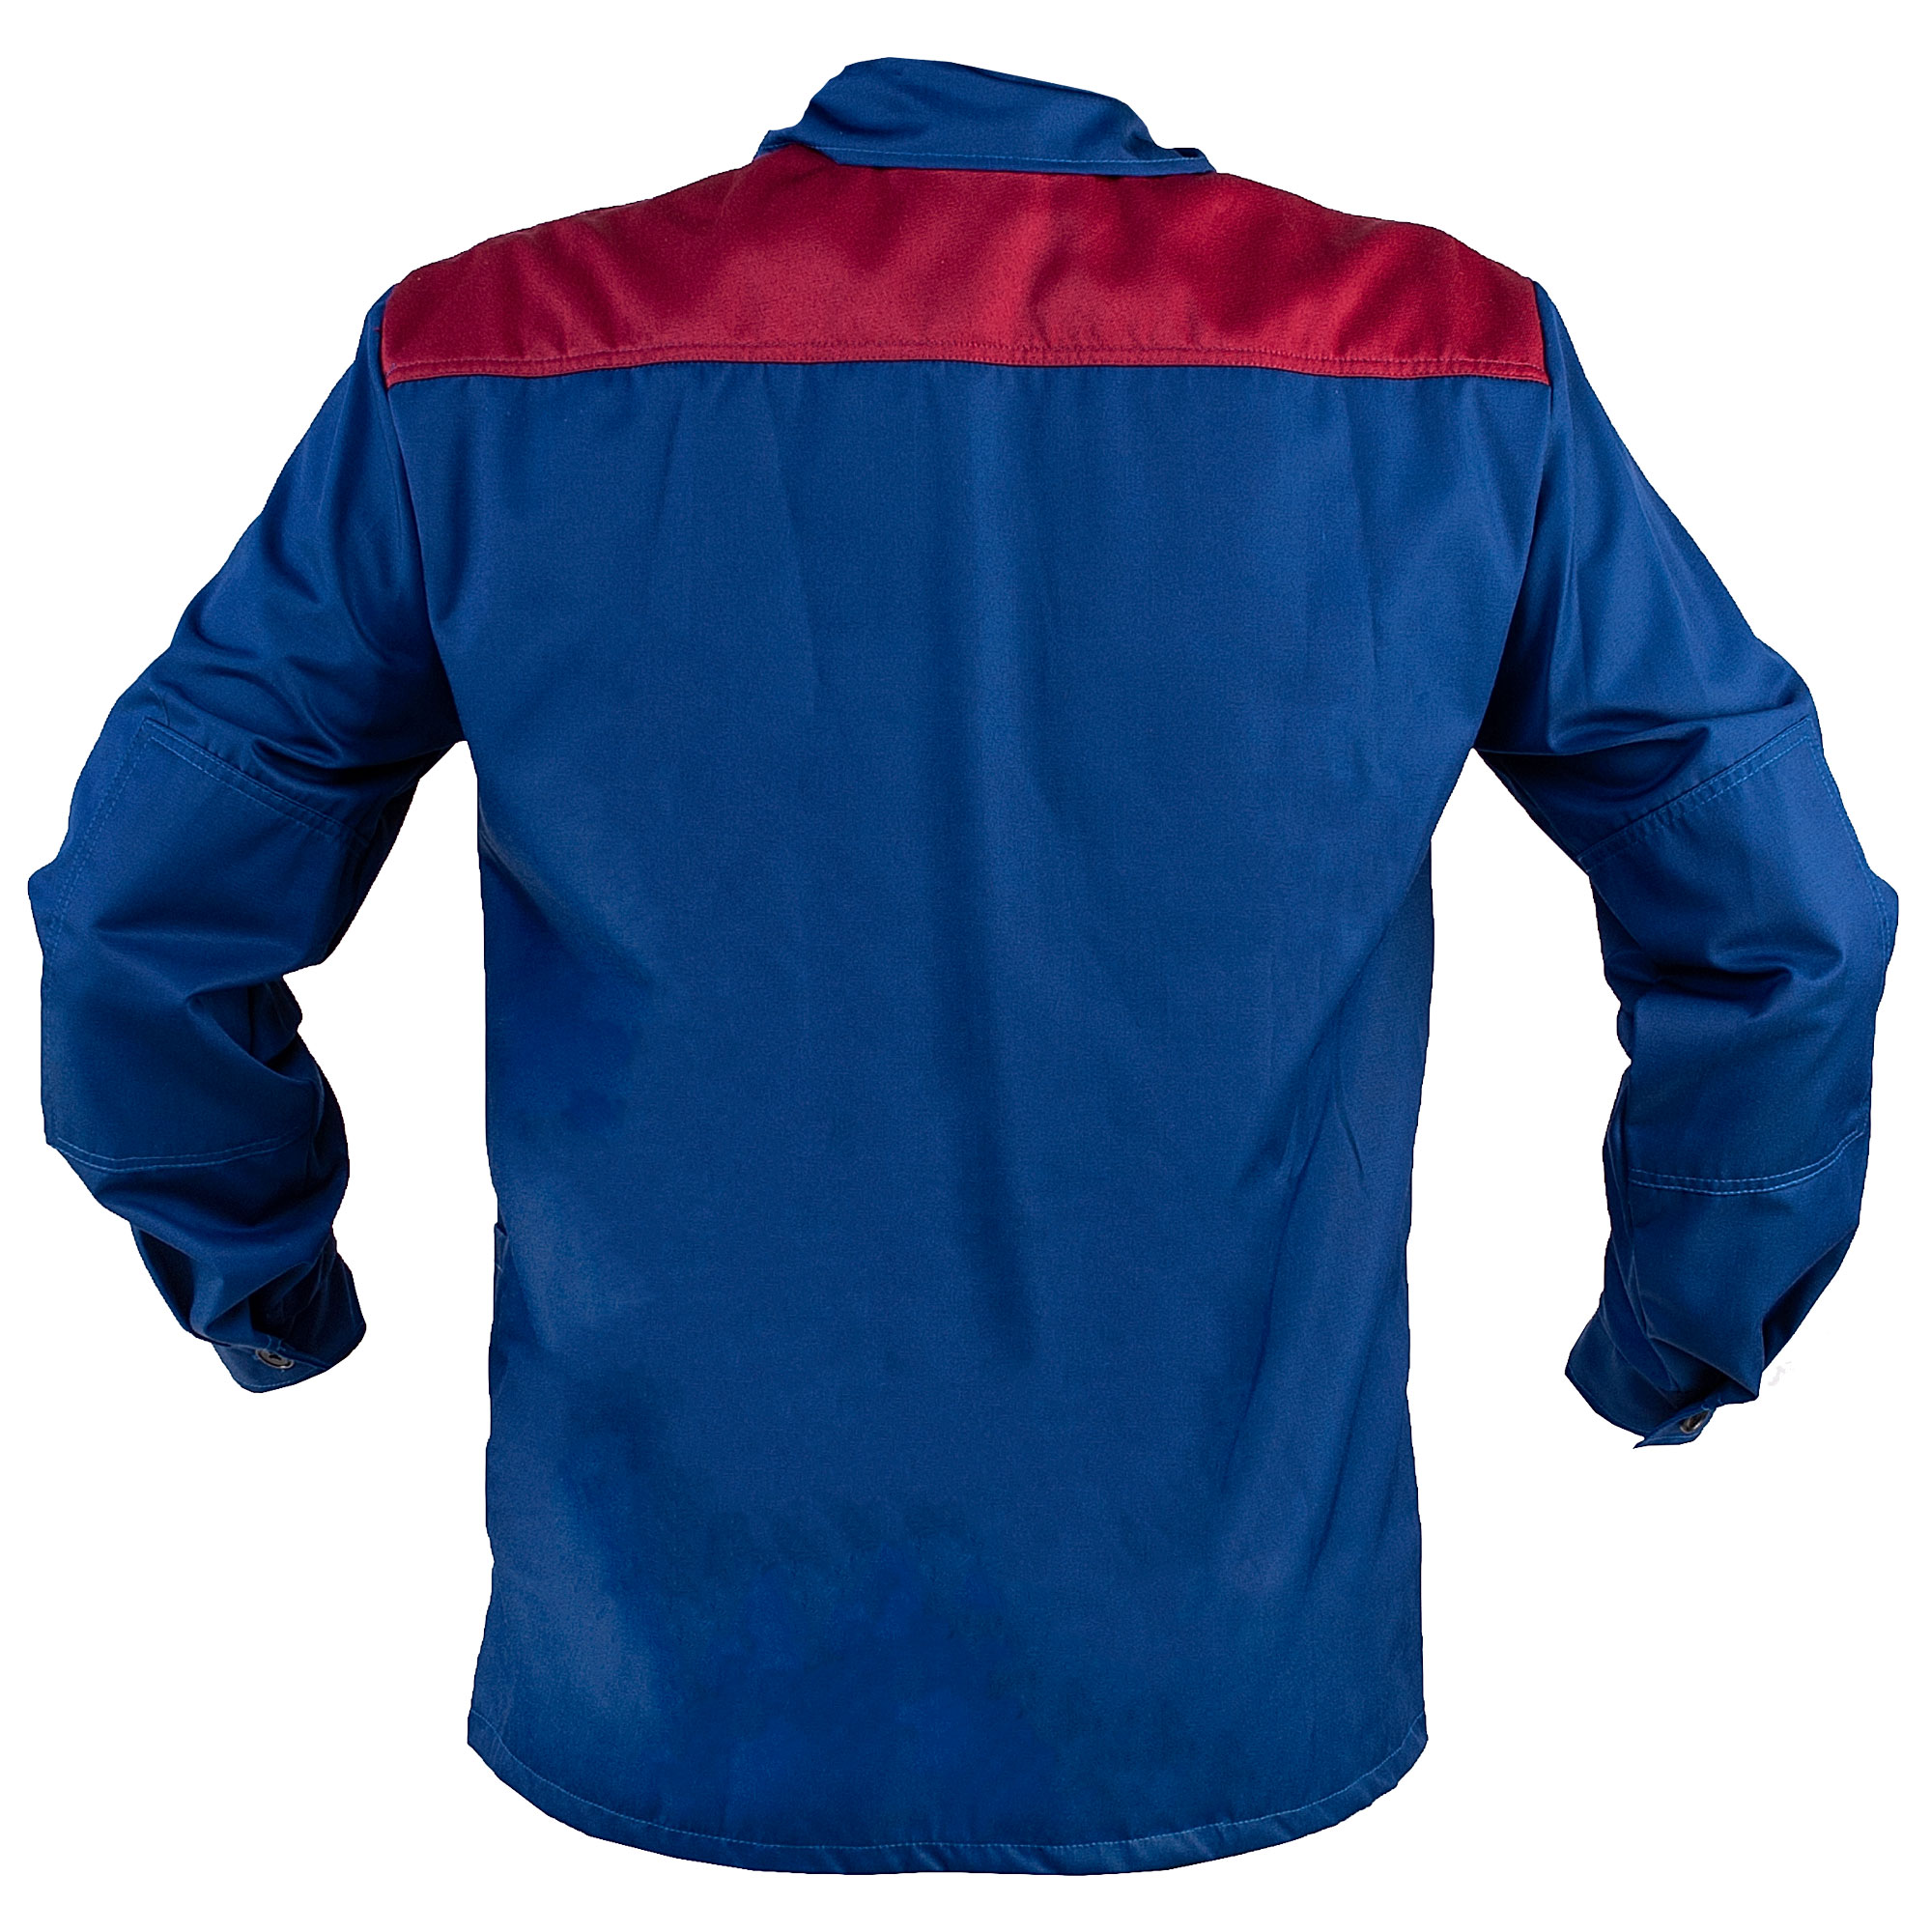 картинка Куртка рабочая от магазина Одежда+